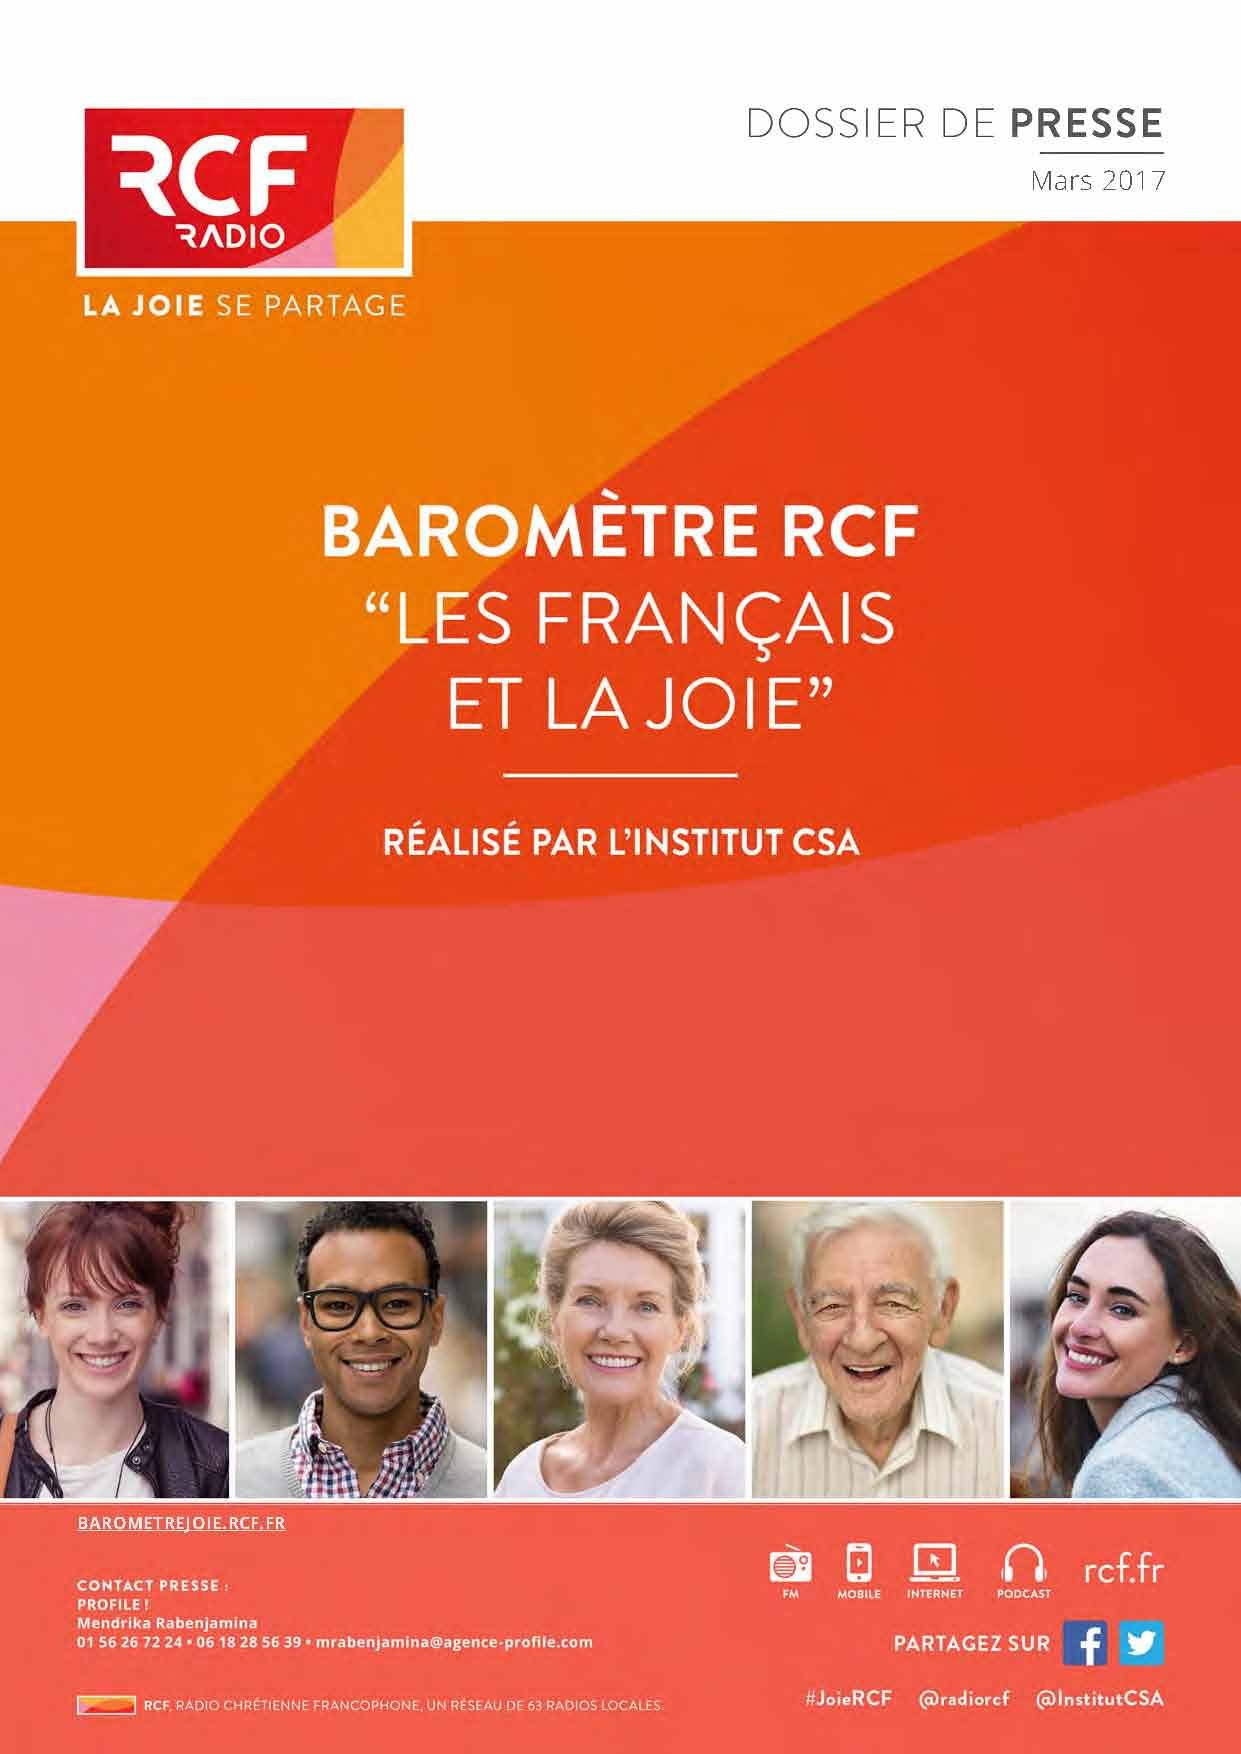 dp-rcf-2017-nouvelle-aquitaine_vf2-1